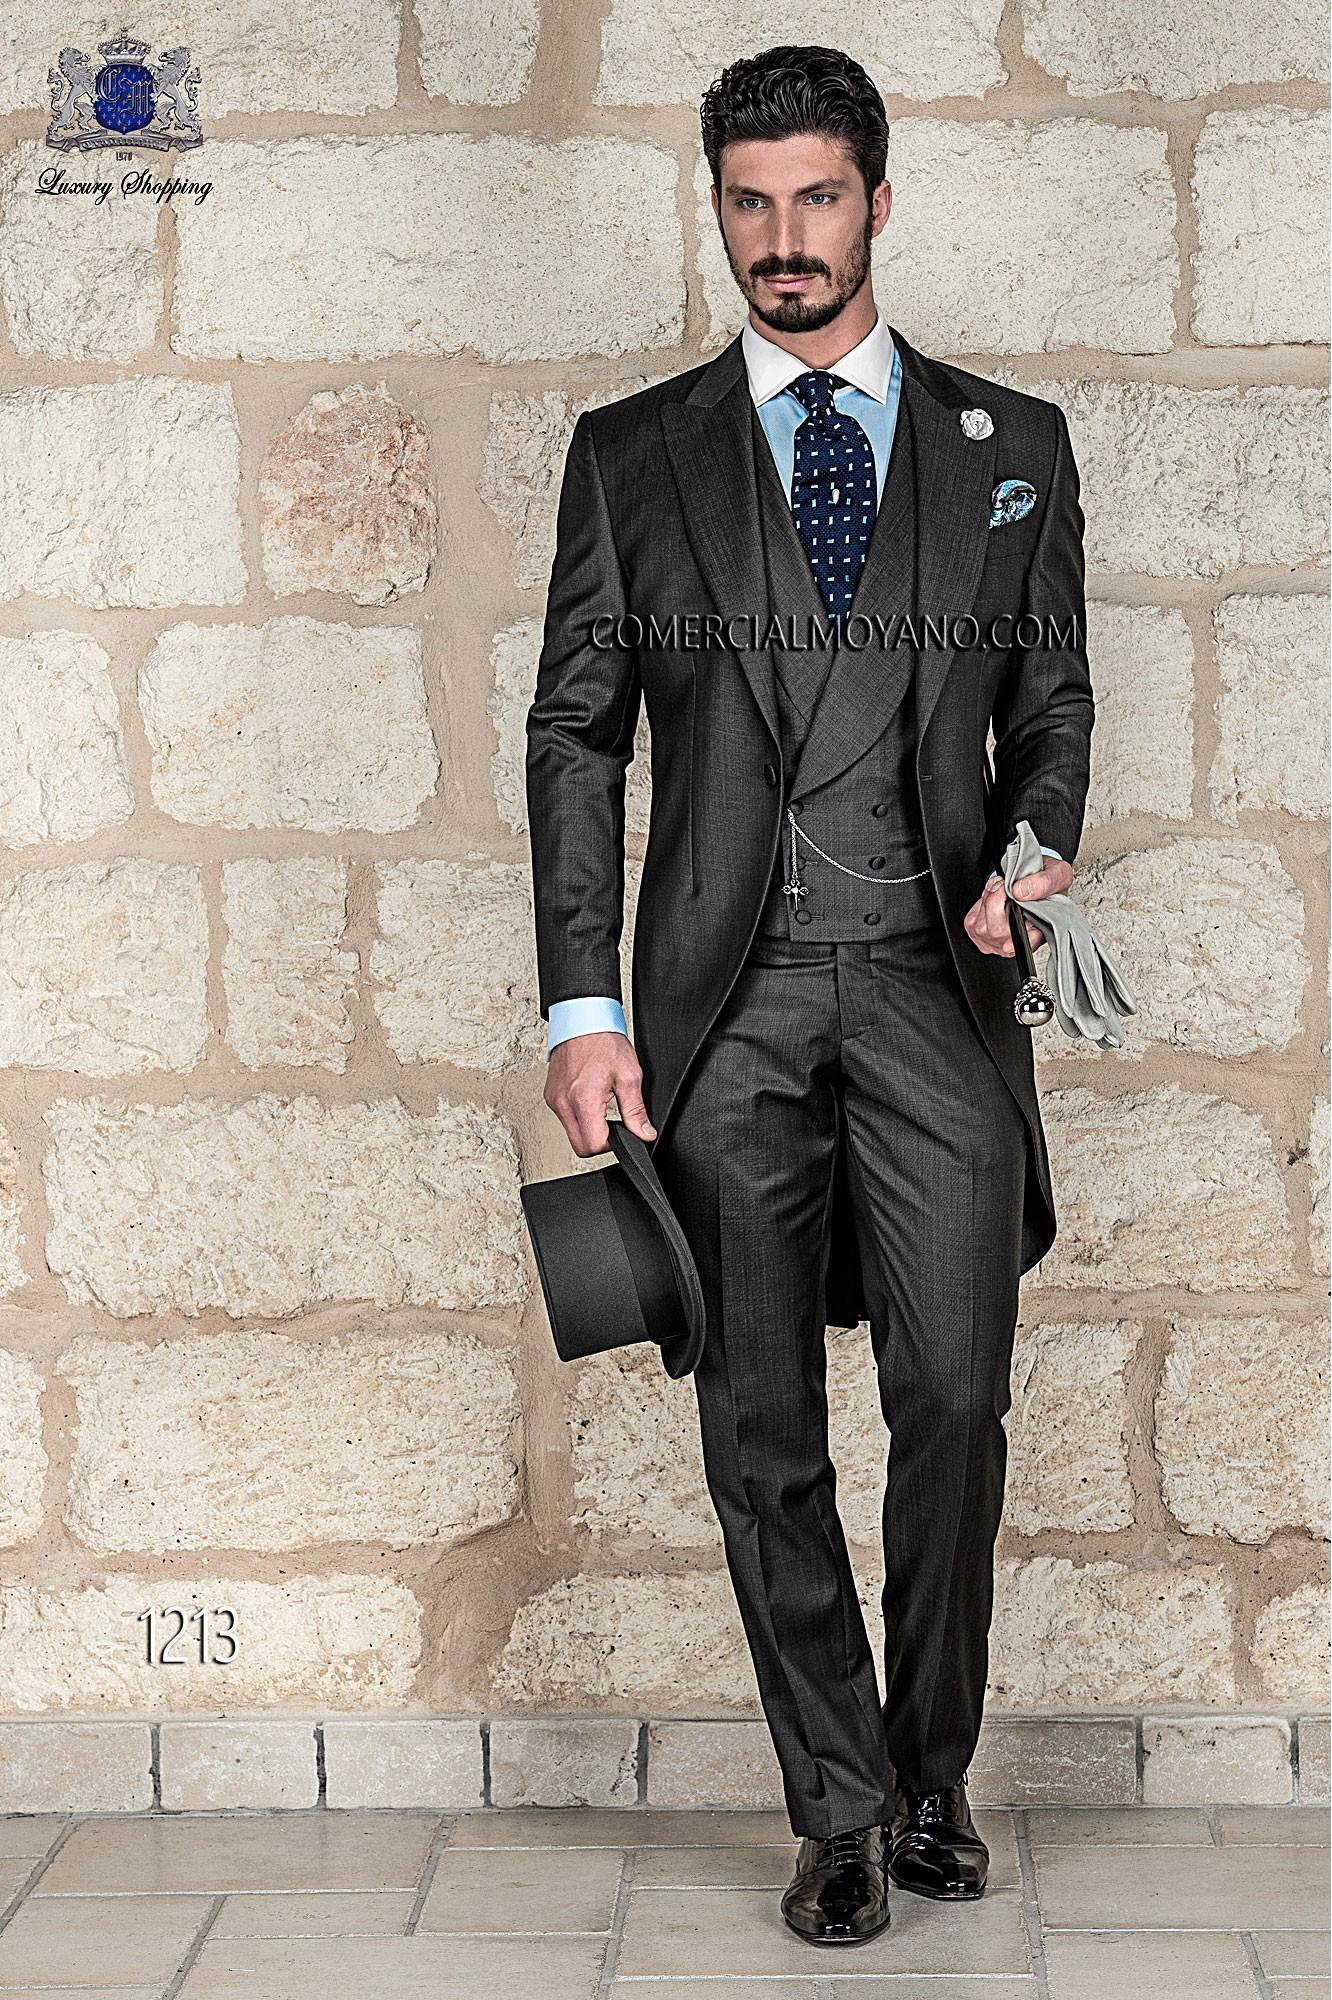 Traje de novio italiano gris modelo: 1213 Ottavio Nuccio Gala colección Gentleman